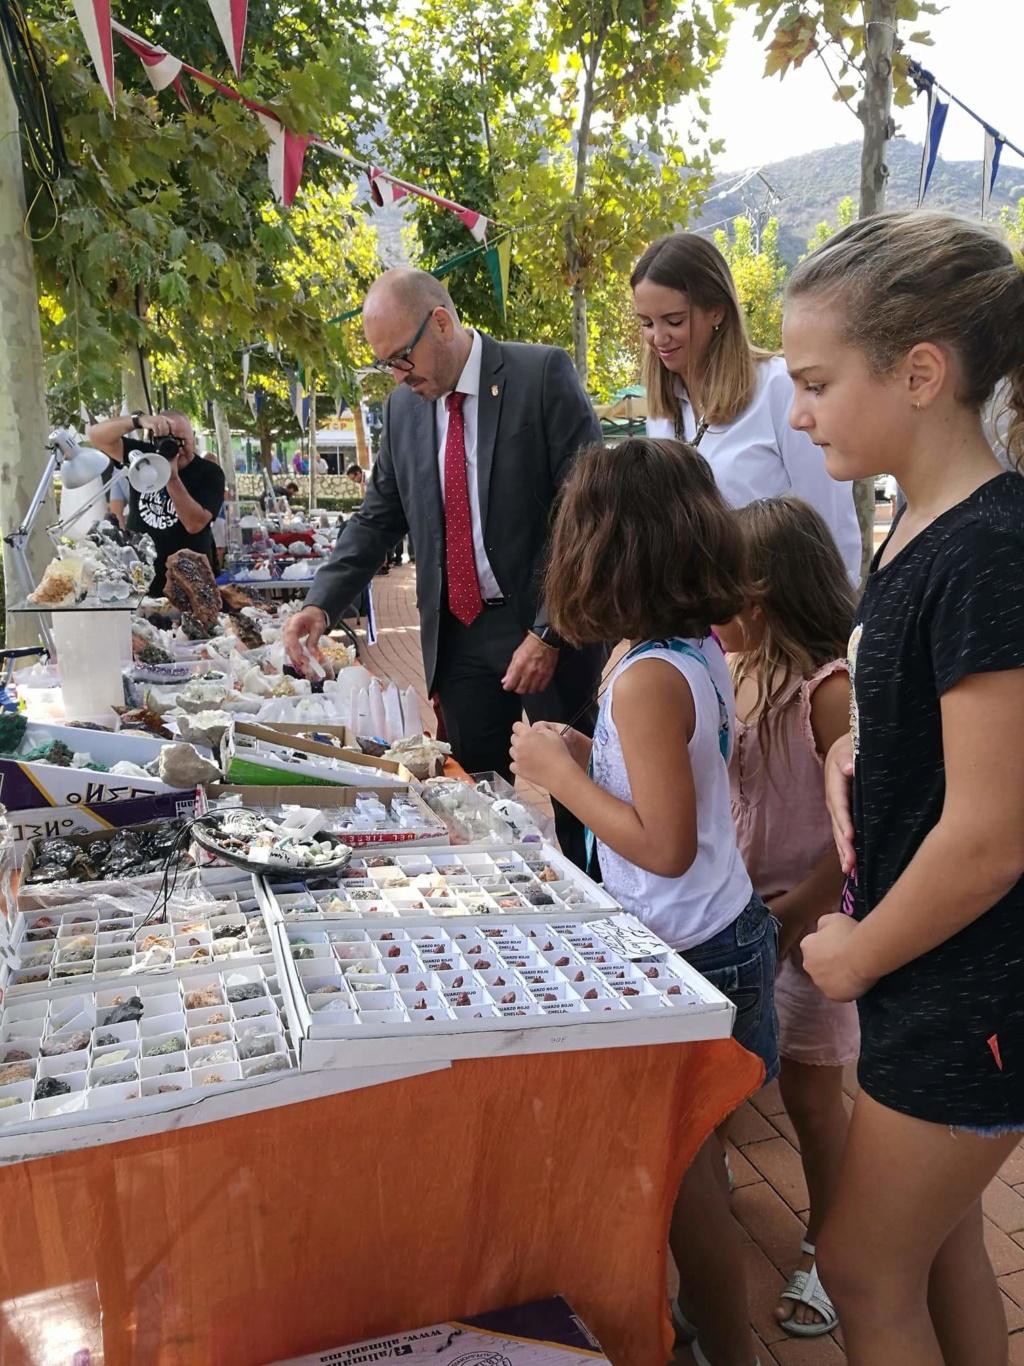 I Feria de minerales intercambio y venta de Cártama (MÁLAGA) - Página 6 Fb_im120